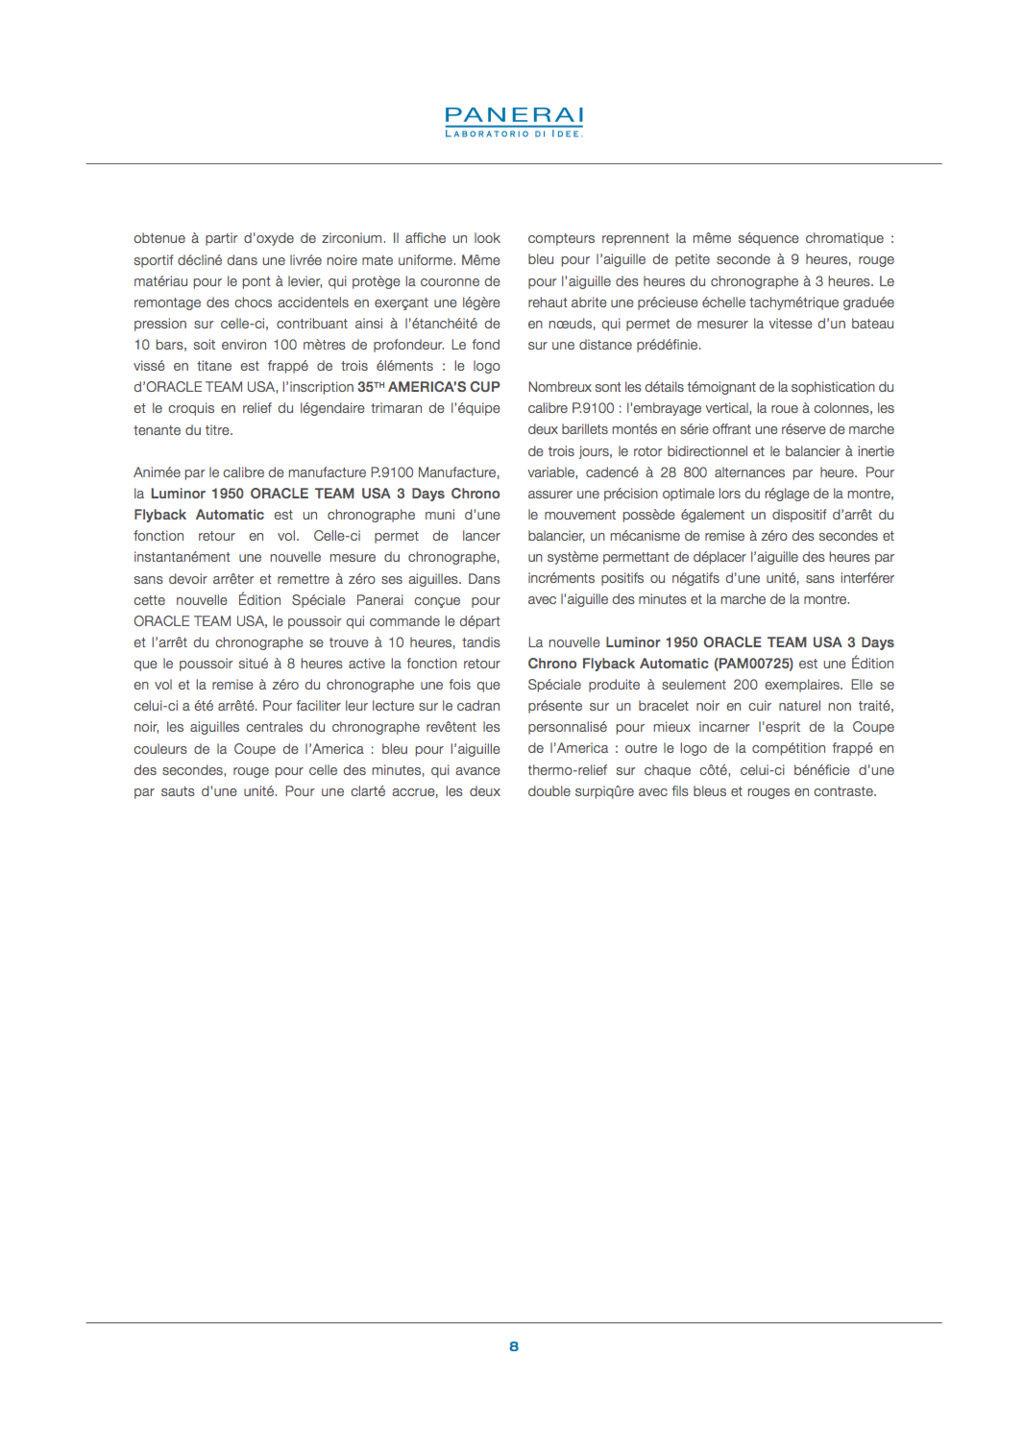 Communiqué de Presse SIHH2017 : Gamme Luminor AMERICA'S CUP - PAM00724-PAM00725-PAM00726-PAM00727-PAM00732 Captur64